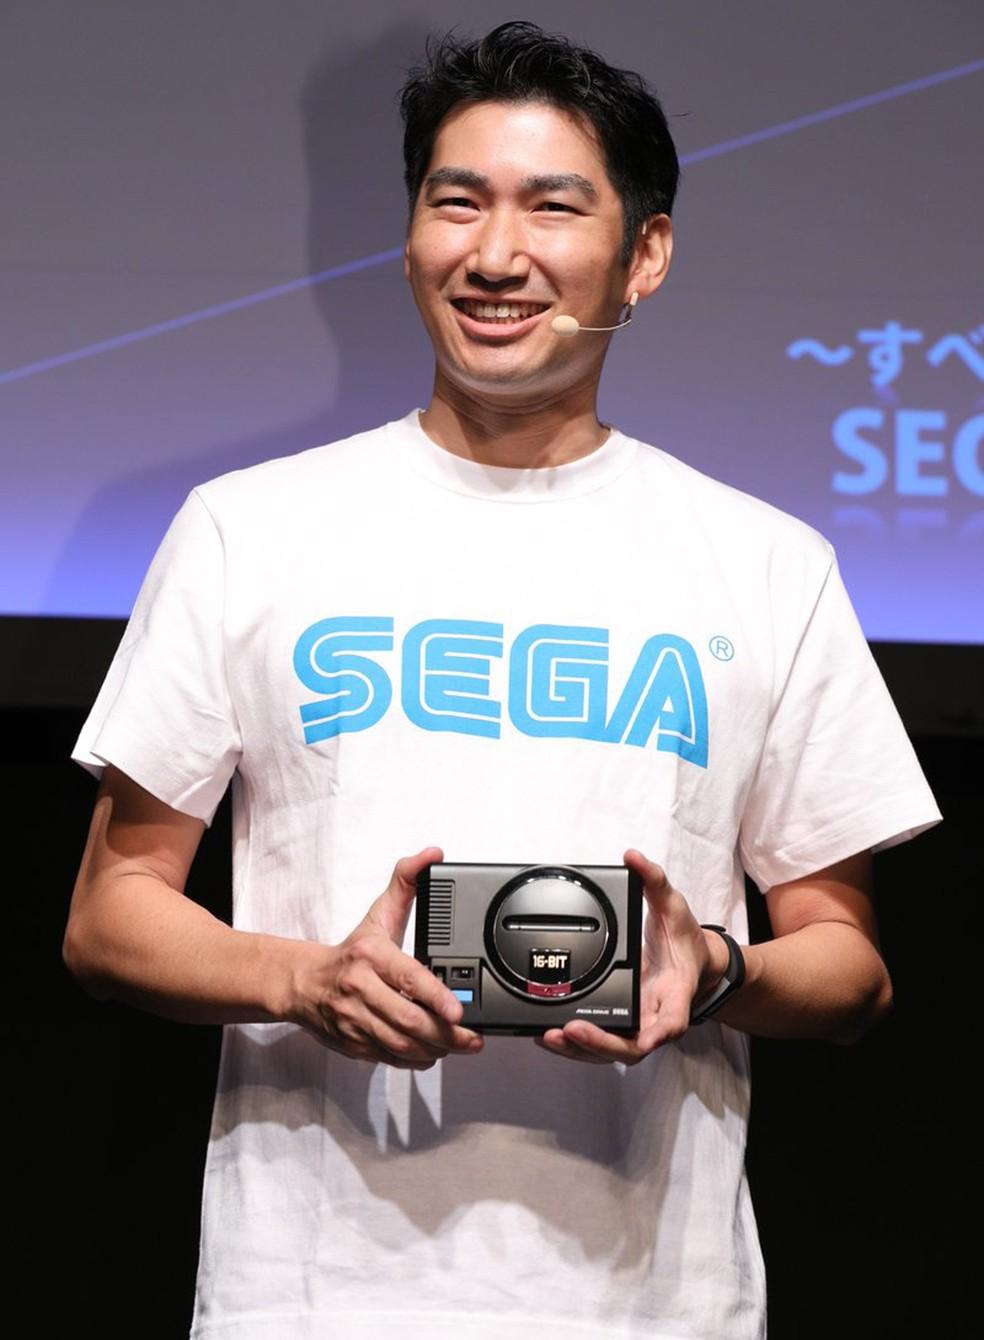 -  Executivo da Sega apresenta versão em miniatura do Mega Drive  Foto: Divulgação/Sega